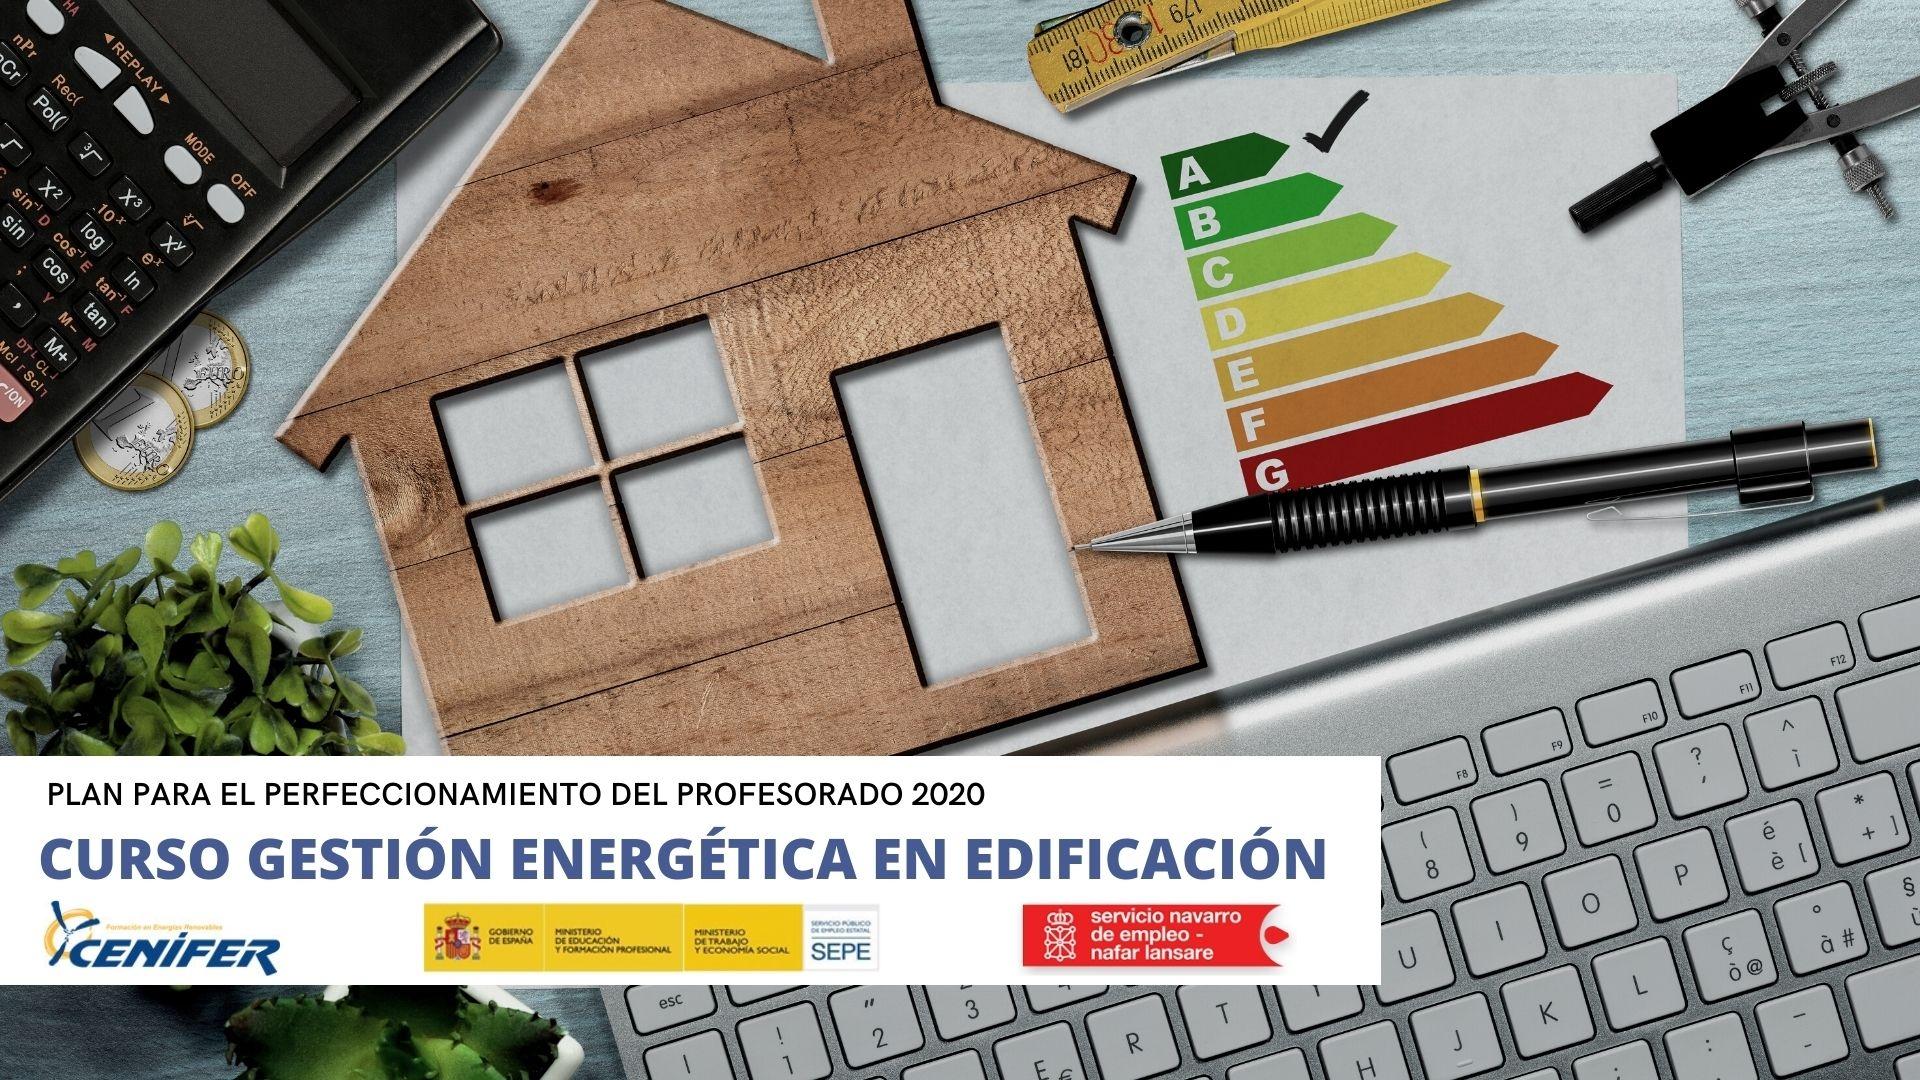 Cenifer-Curso Gestion energetica en edificacion 23nov2020